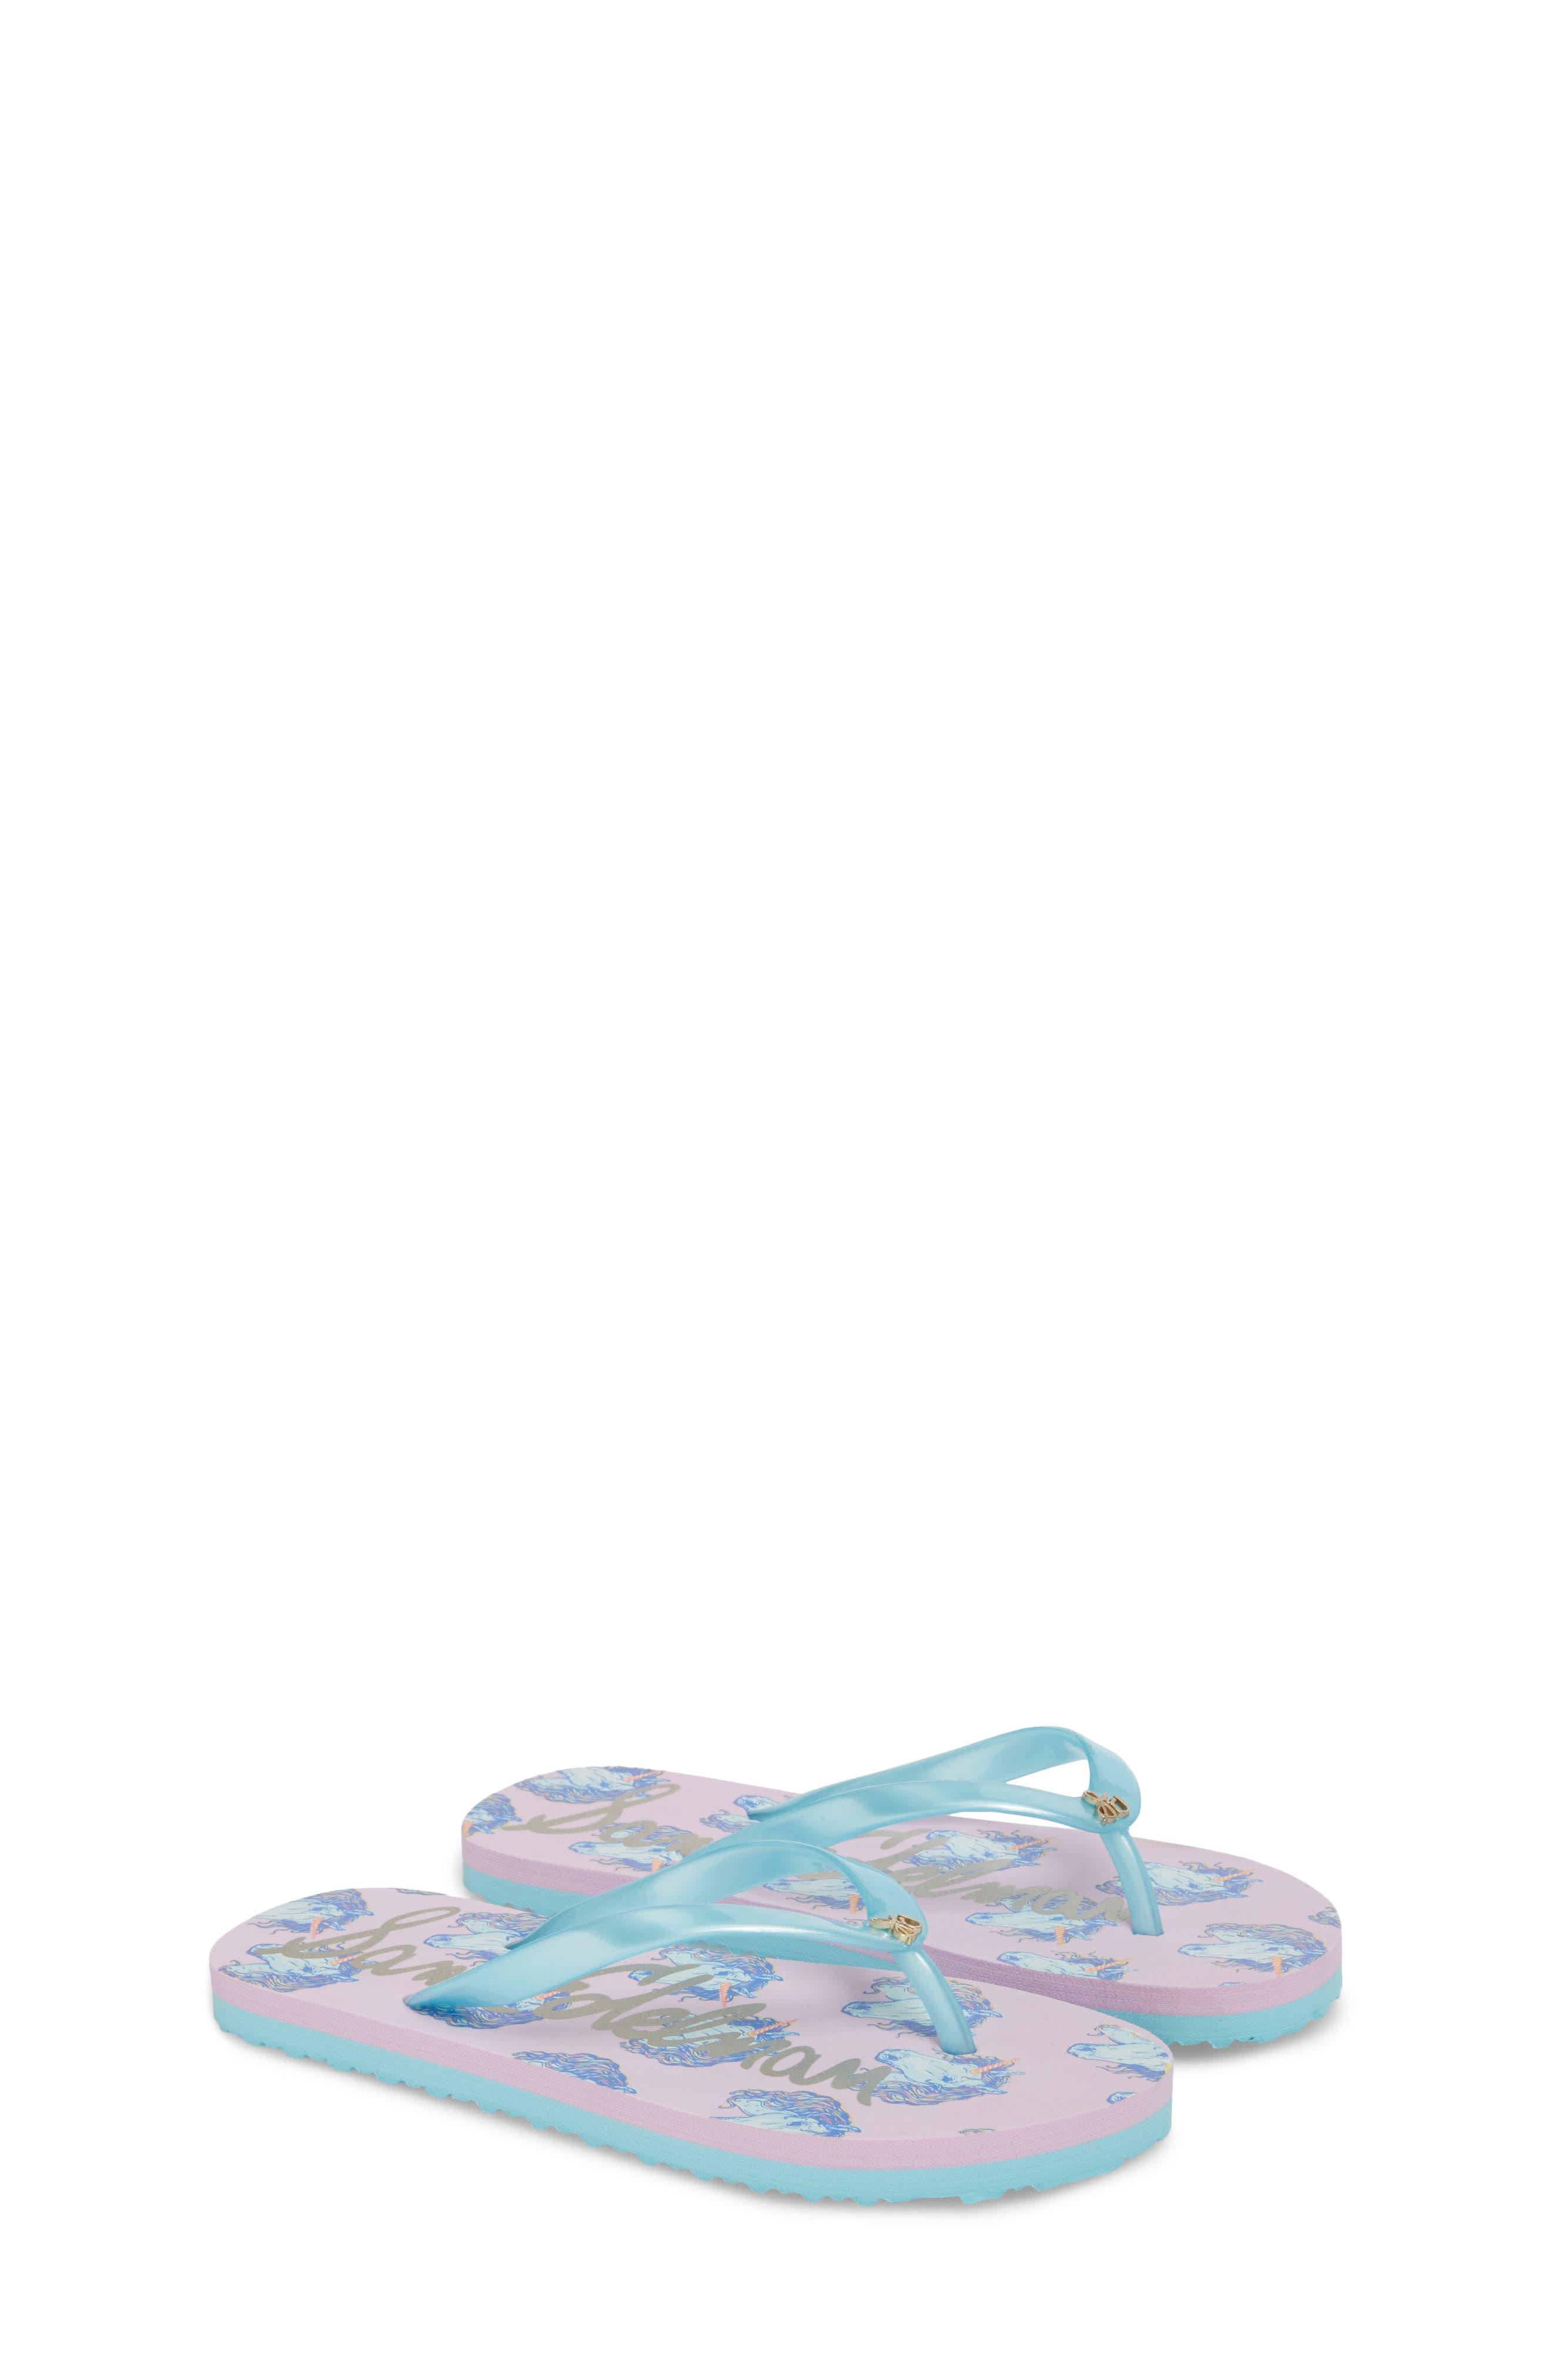 Mandy Flip Flop,                             Alternate thumbnail 2, color,                             400